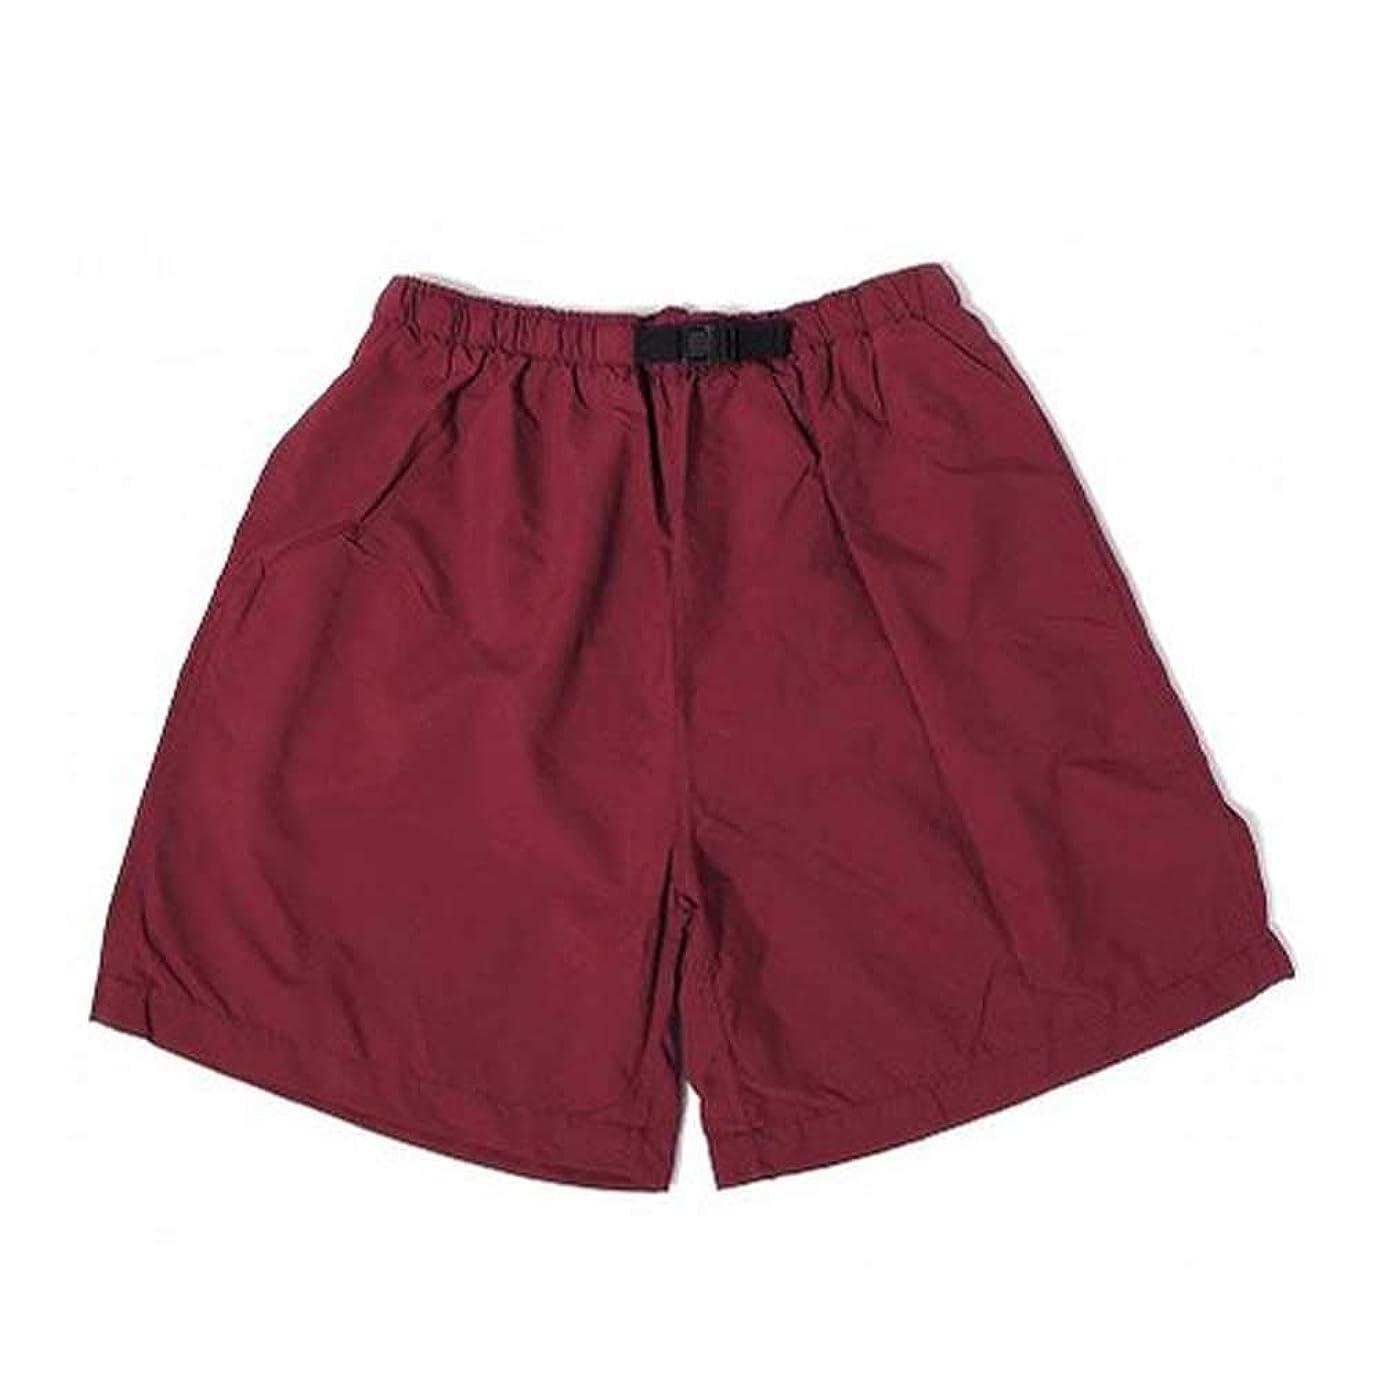 実現可能性戦術ヘルメットCOBRA CAPS コブラキャップス マイクロファイバー ショーツ ショーパン microfiber all purpose shorts 吸水 速乾 WINE/XLサイズ